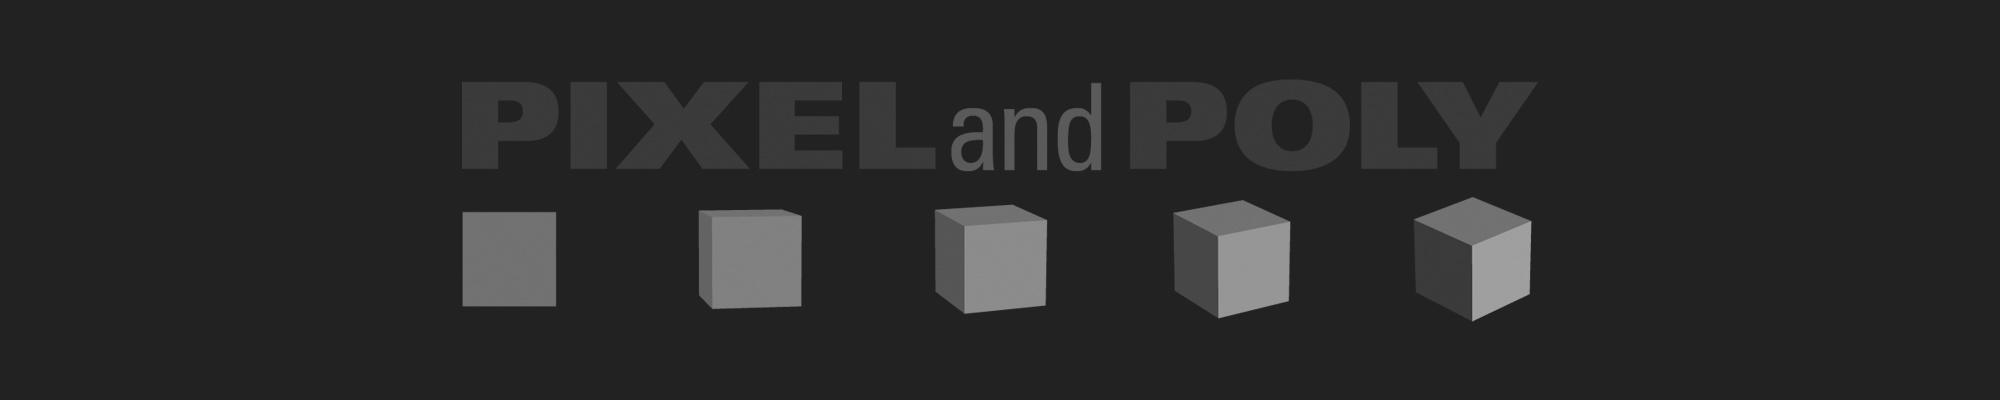 pixelandpoly Cover